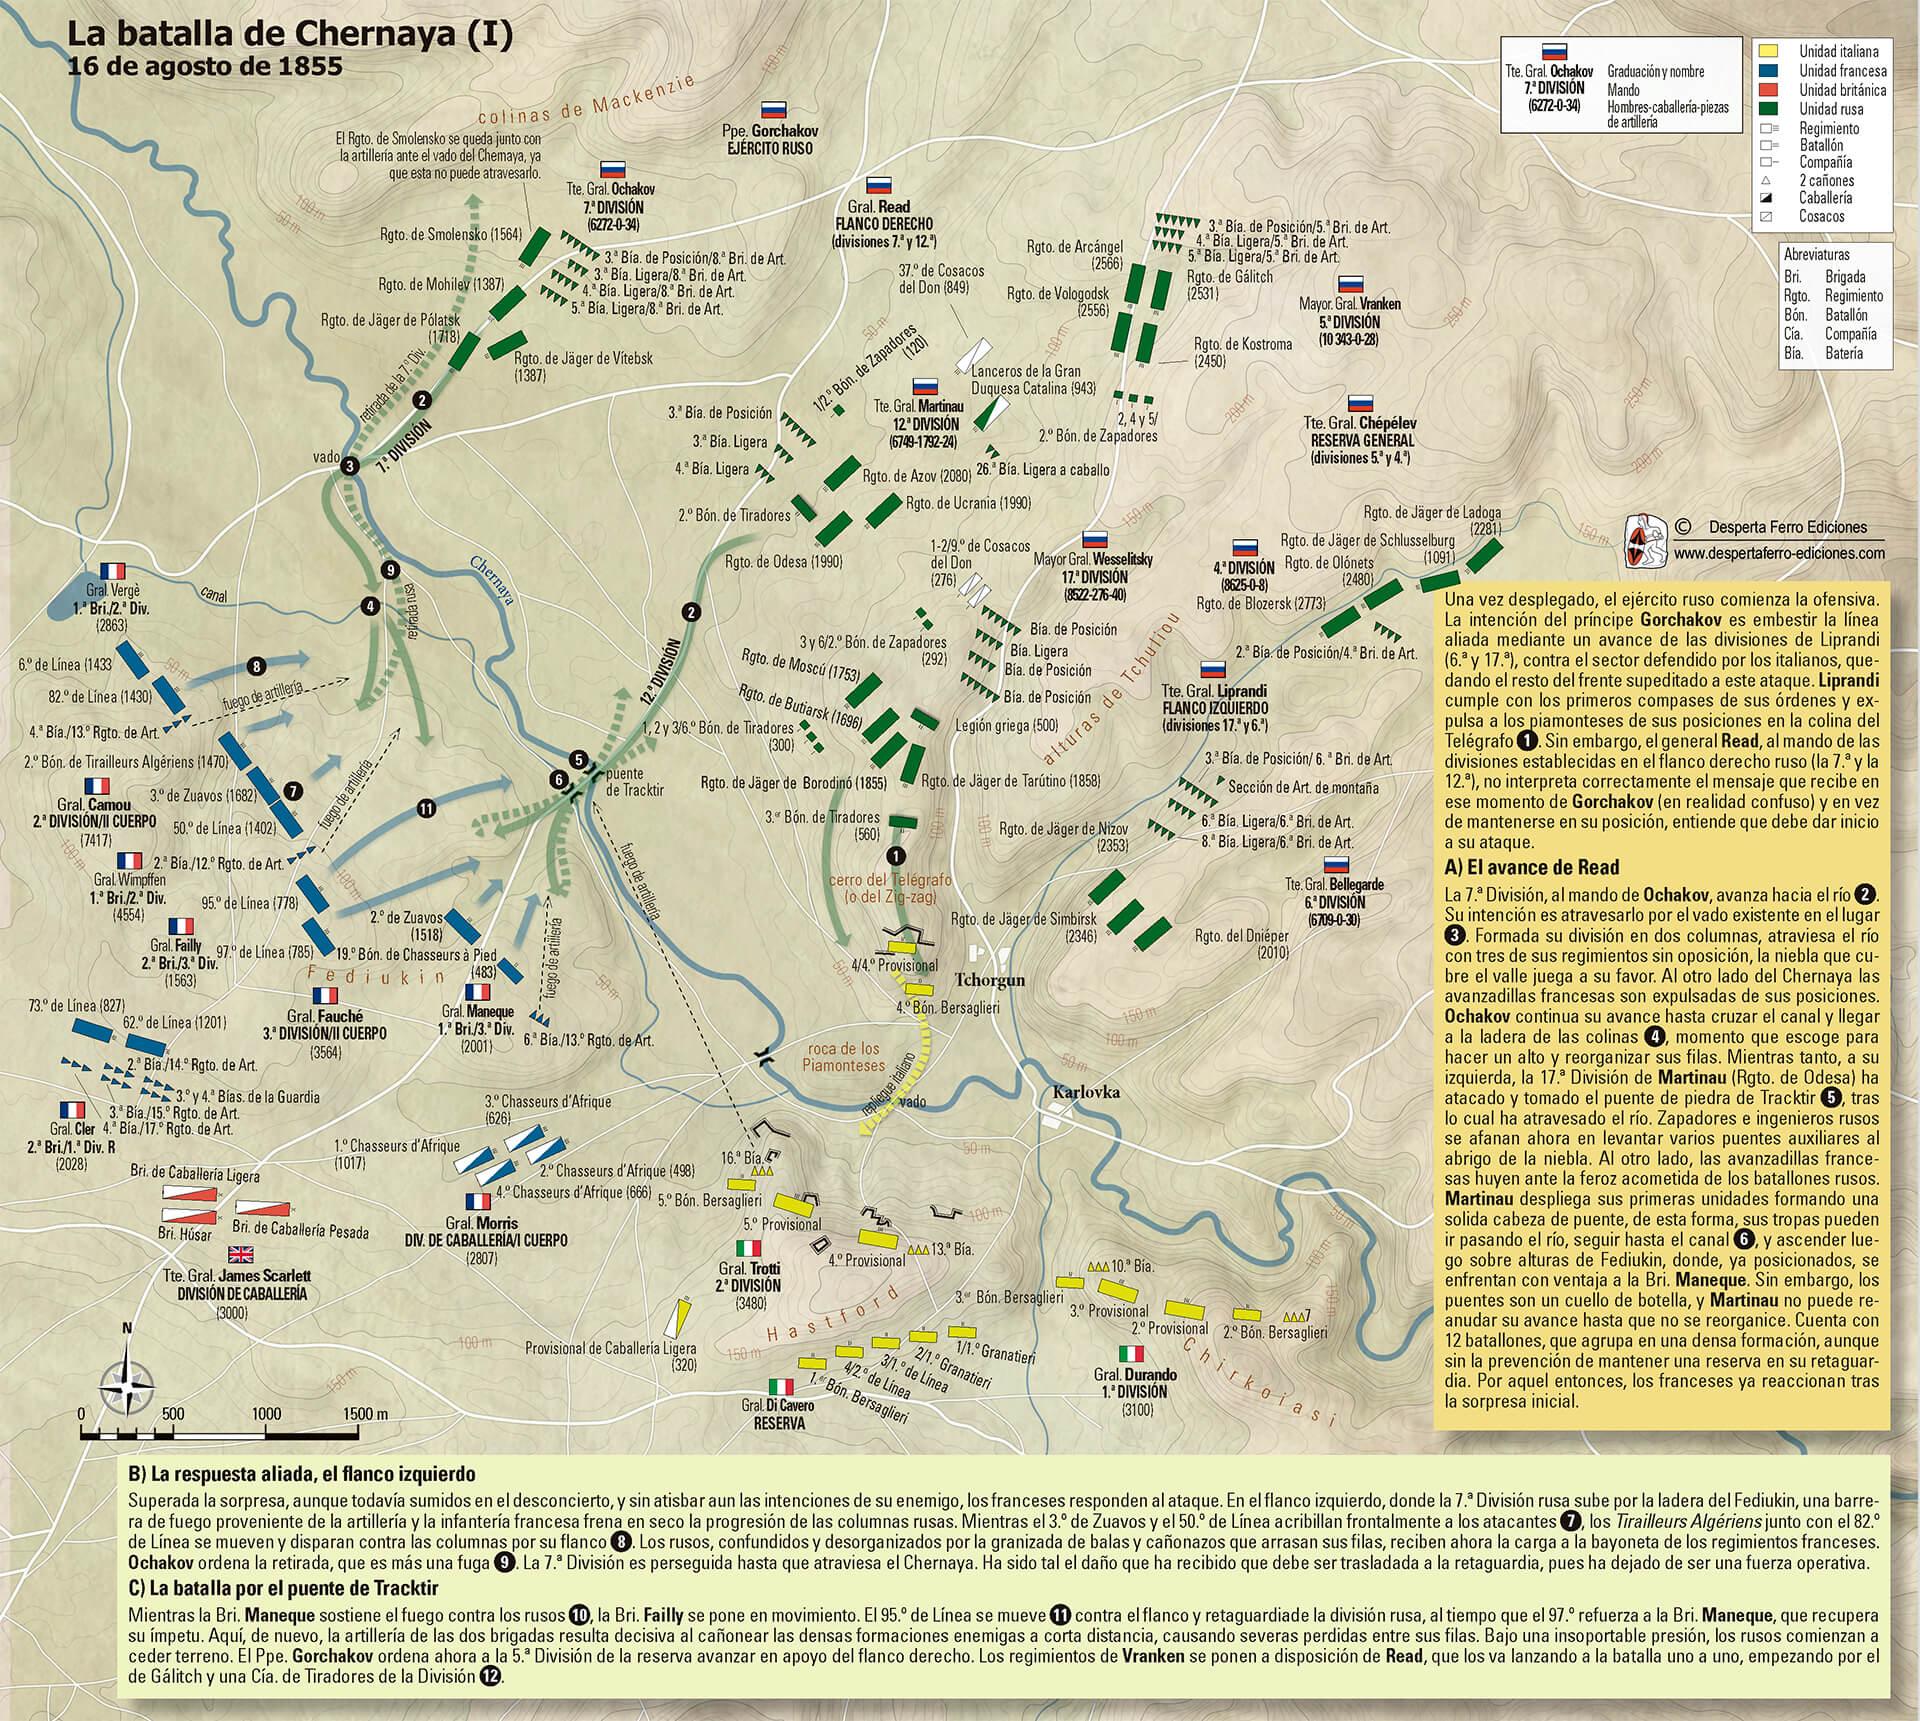 La batalla de Chernaya, 16 de agosto de 1855. I. El ataque ruso